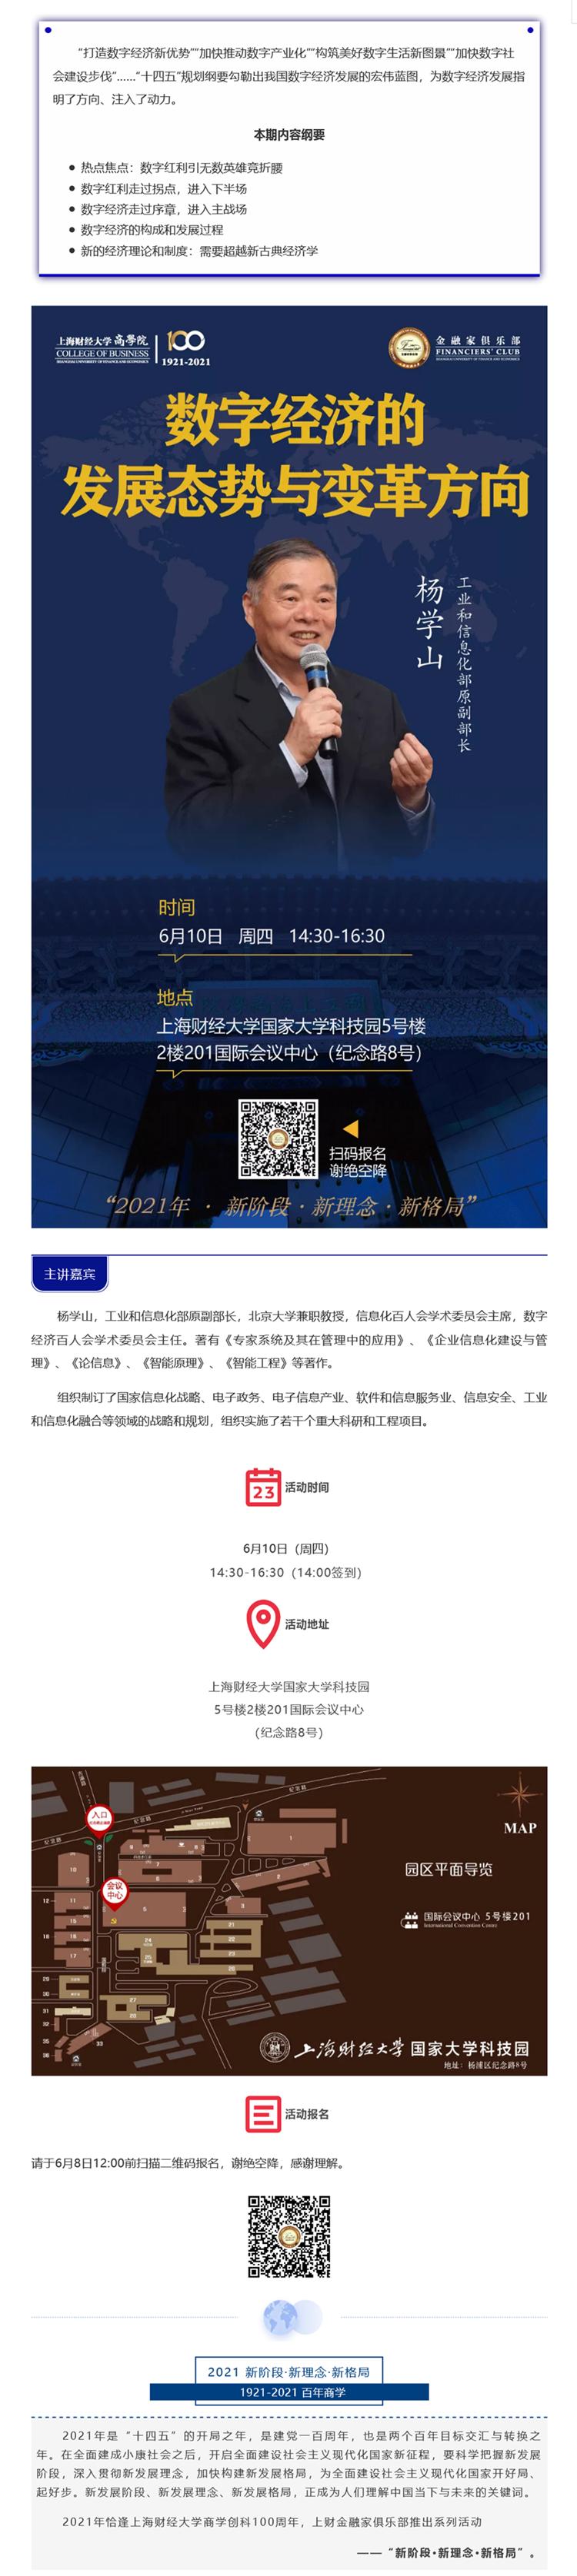 FireShot Capture 070 - 报名·6_10 - 杨学山:数字经济的发展态势与变革方向 - mp.weixin.qq.com_副本.png